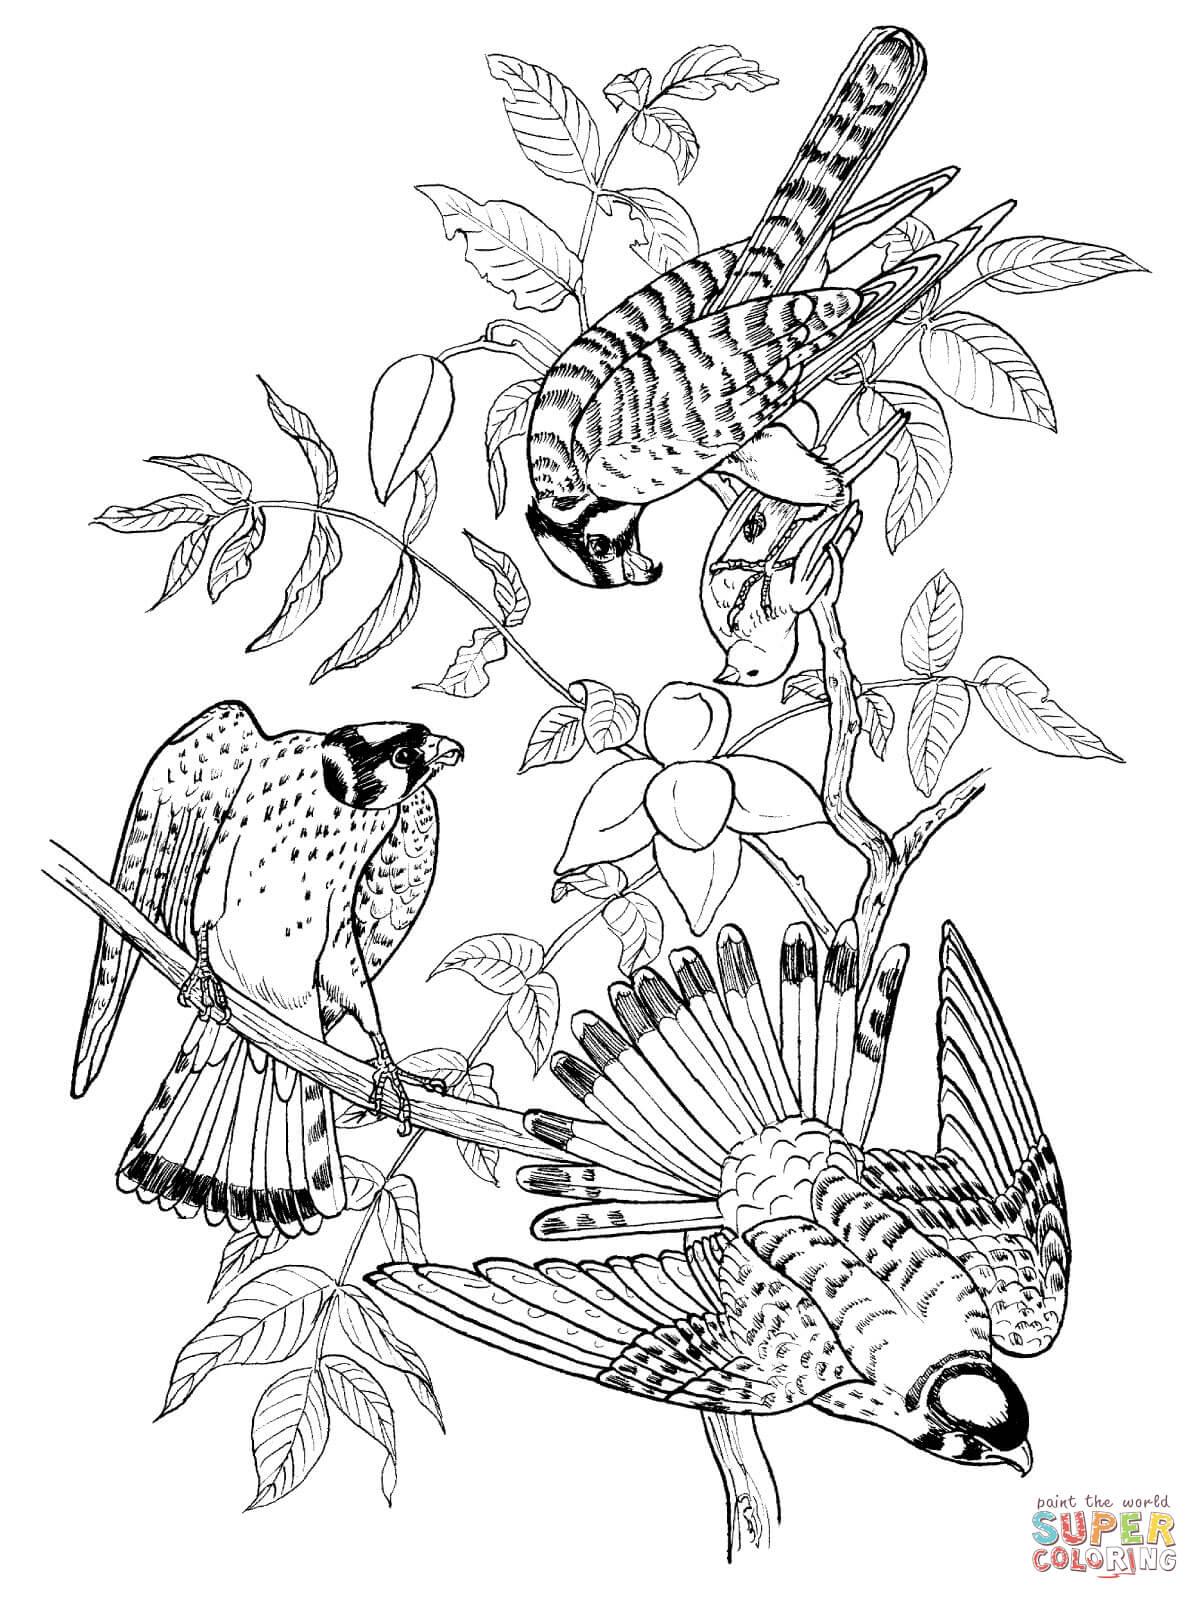 Kestrel coloring #14, Download drawings